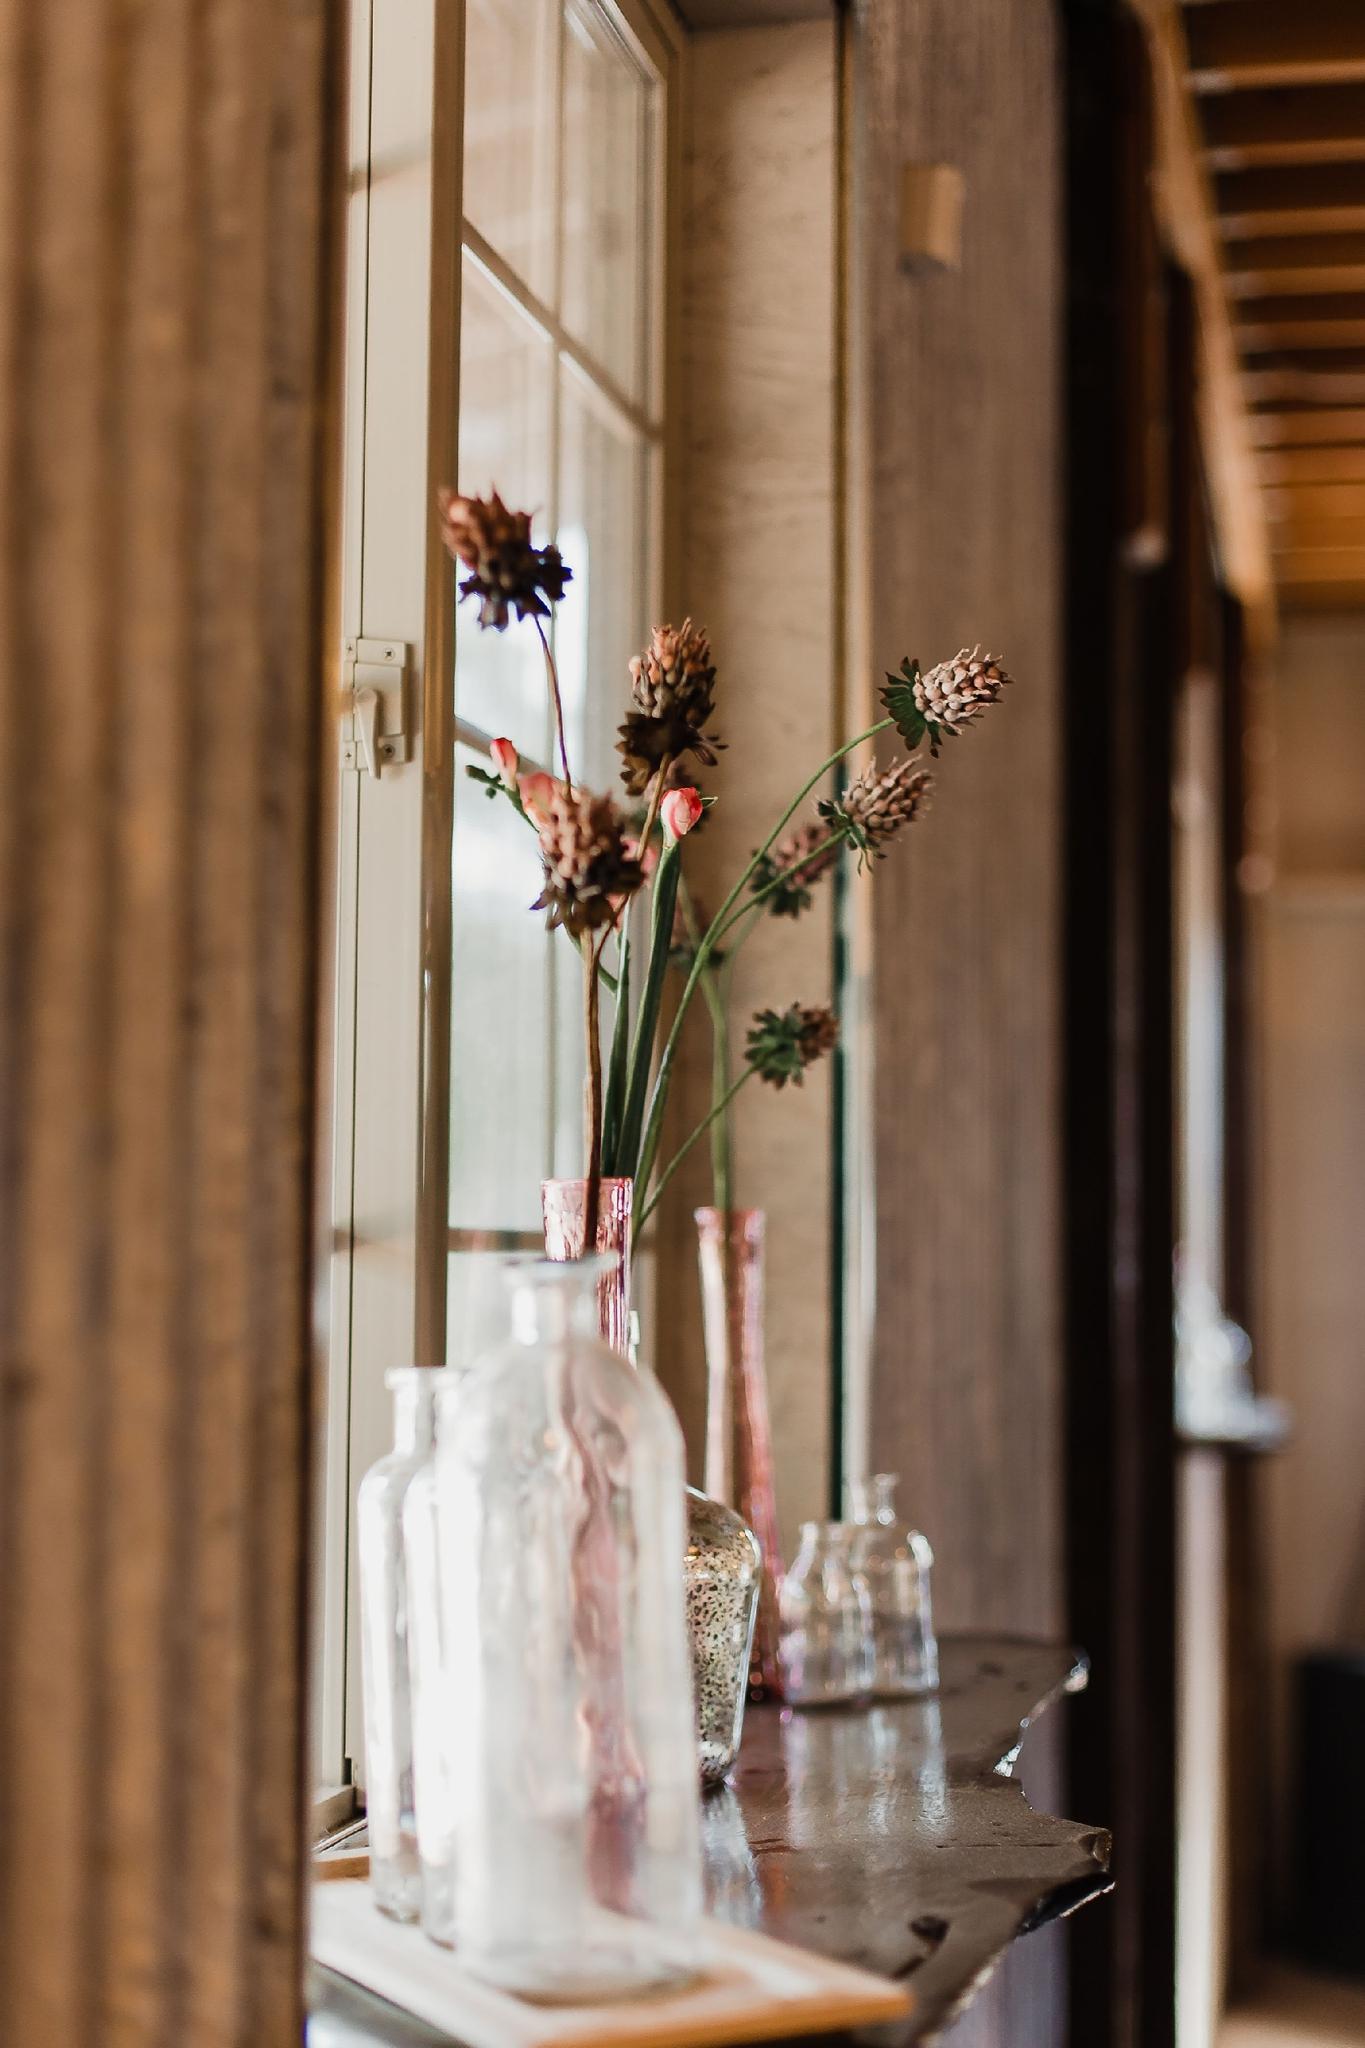 Alicia+lucia+photography+-+albuquerque+wedding+photographer+-+santa+fe+wedding+photography+-+new+mexico+wedding+photographer+-+new+mexico+wedding+-+summer+wedding+-+summer+wedding+florals+-+southwest+wedding_0013.jpg